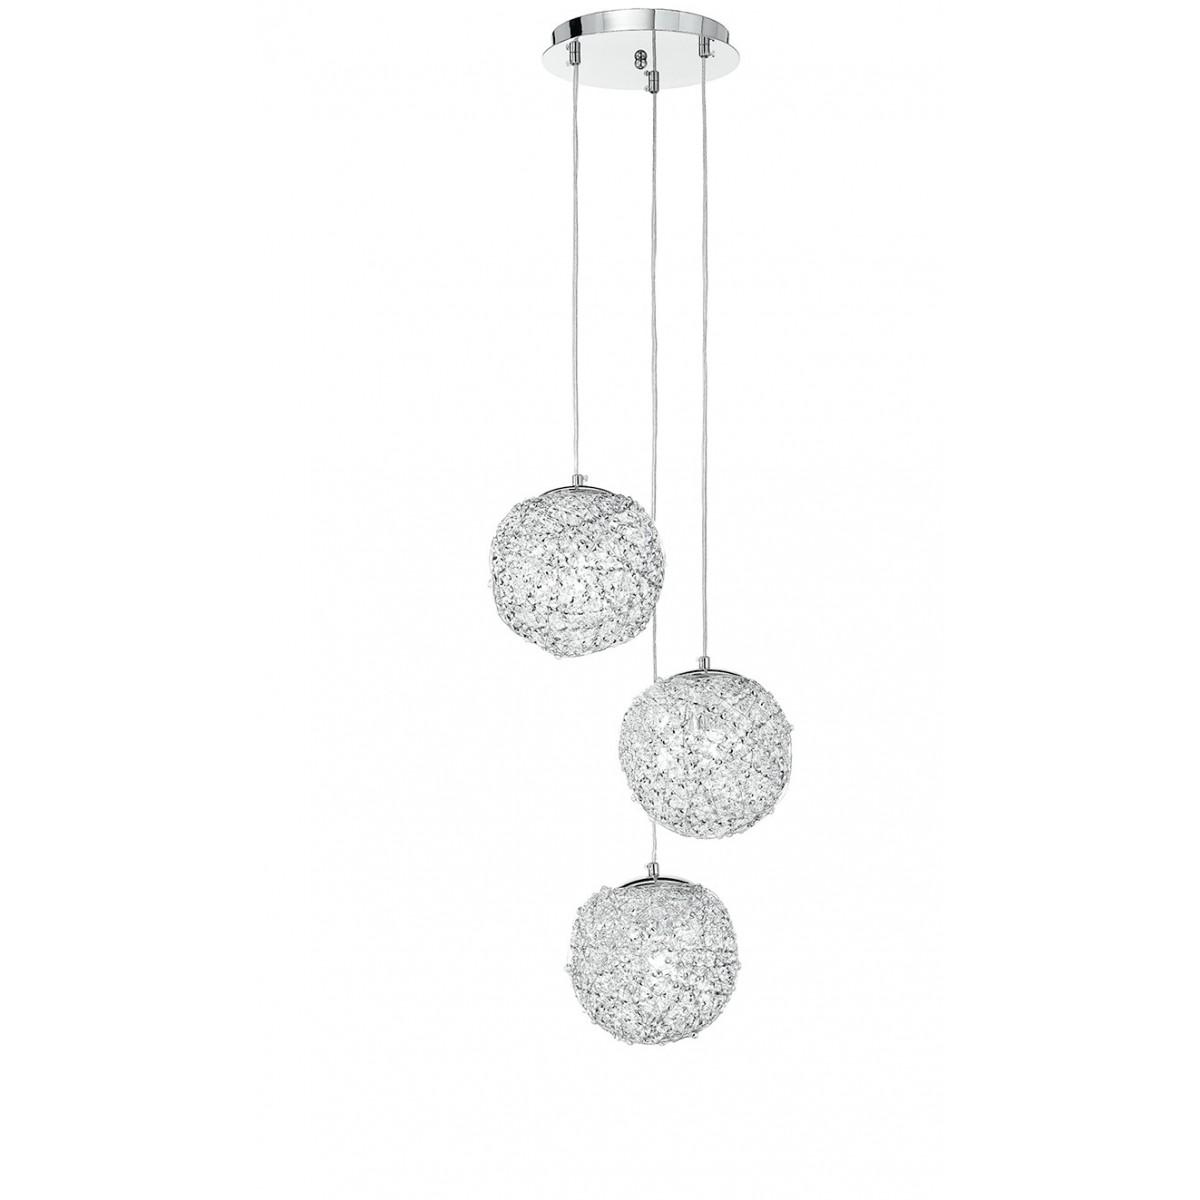 I astra s3 8031432891203 fan europe lighting lampadario 3 for Lampadari pendenti